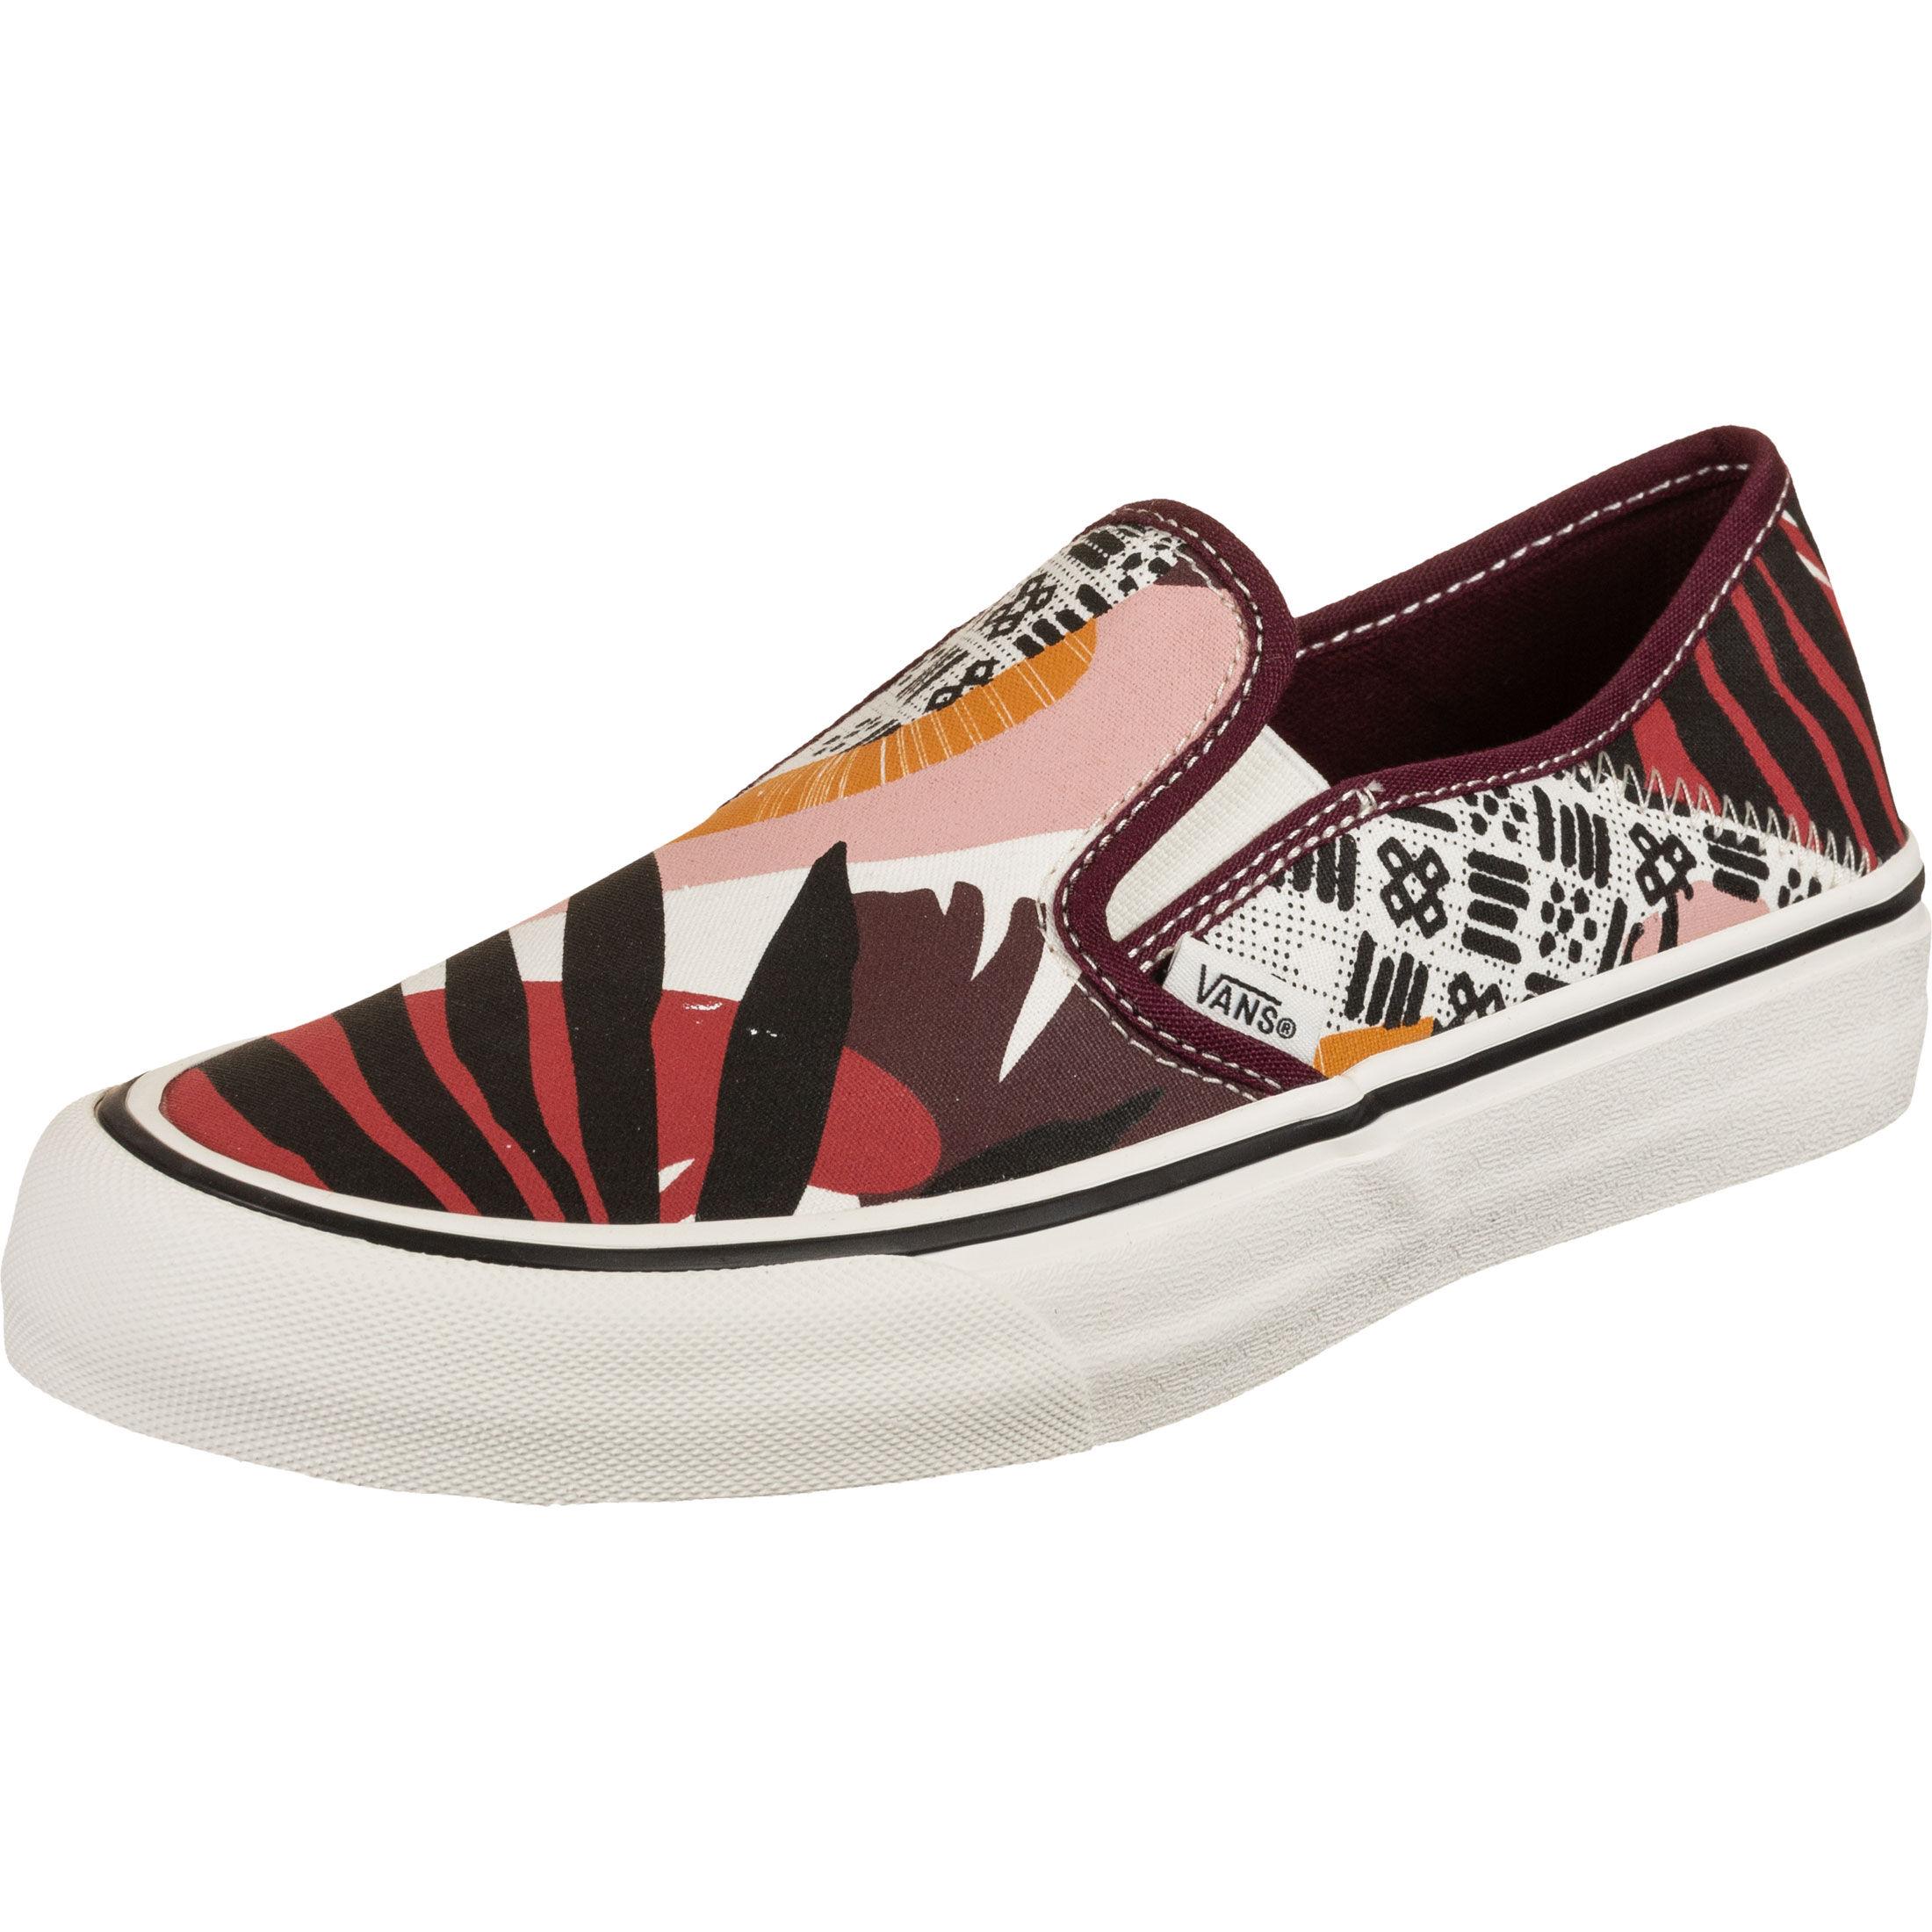 Vans Palm Floral Slip- On SF - Sneaker basse su Stylefile